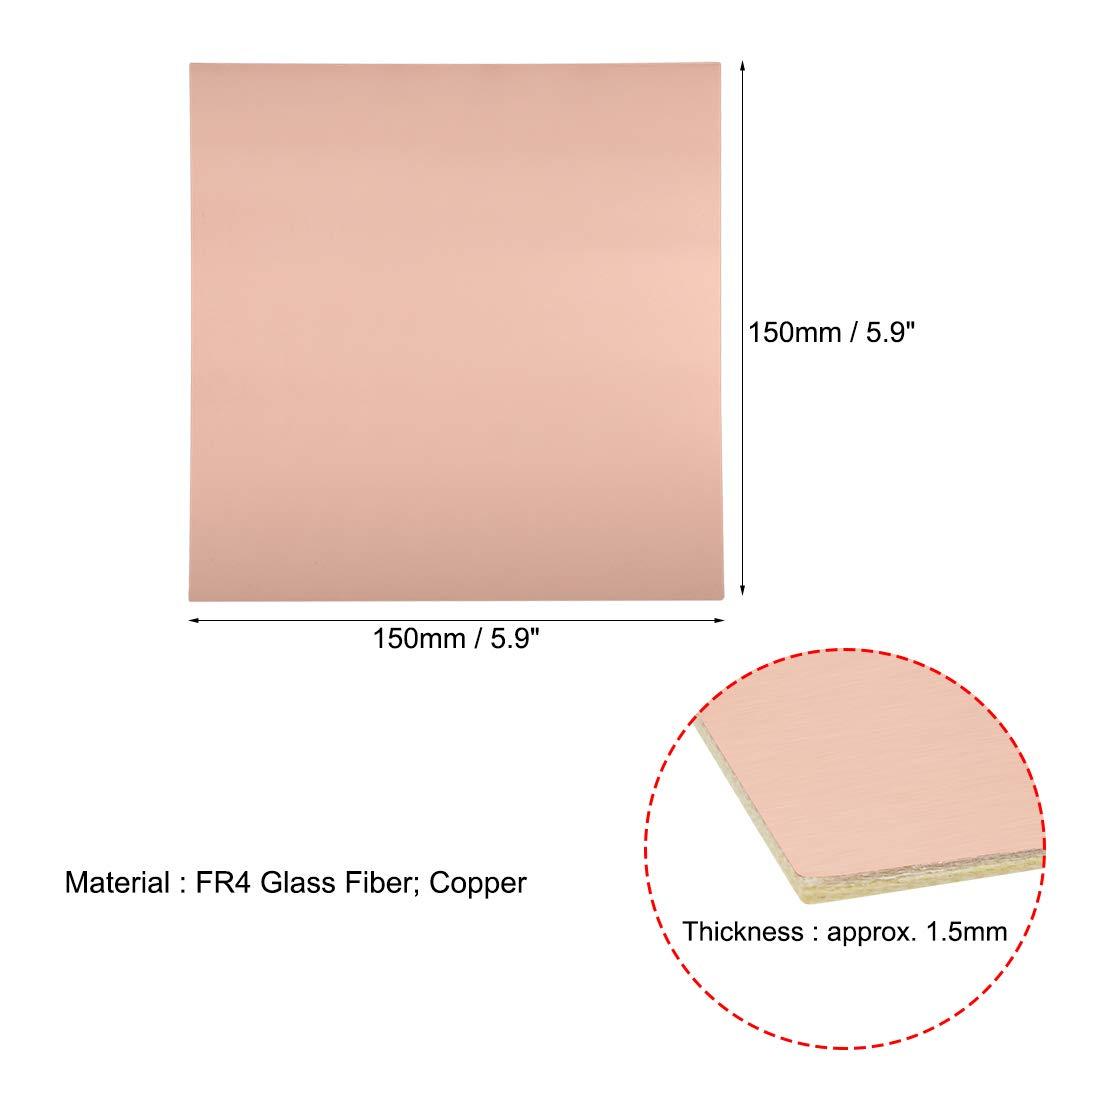 Sourcing Map Lot de 5 circuits imprim/és lamin/és double face en cuivre 180 x 120 mm FR4 1,5 mm d/épaisseur